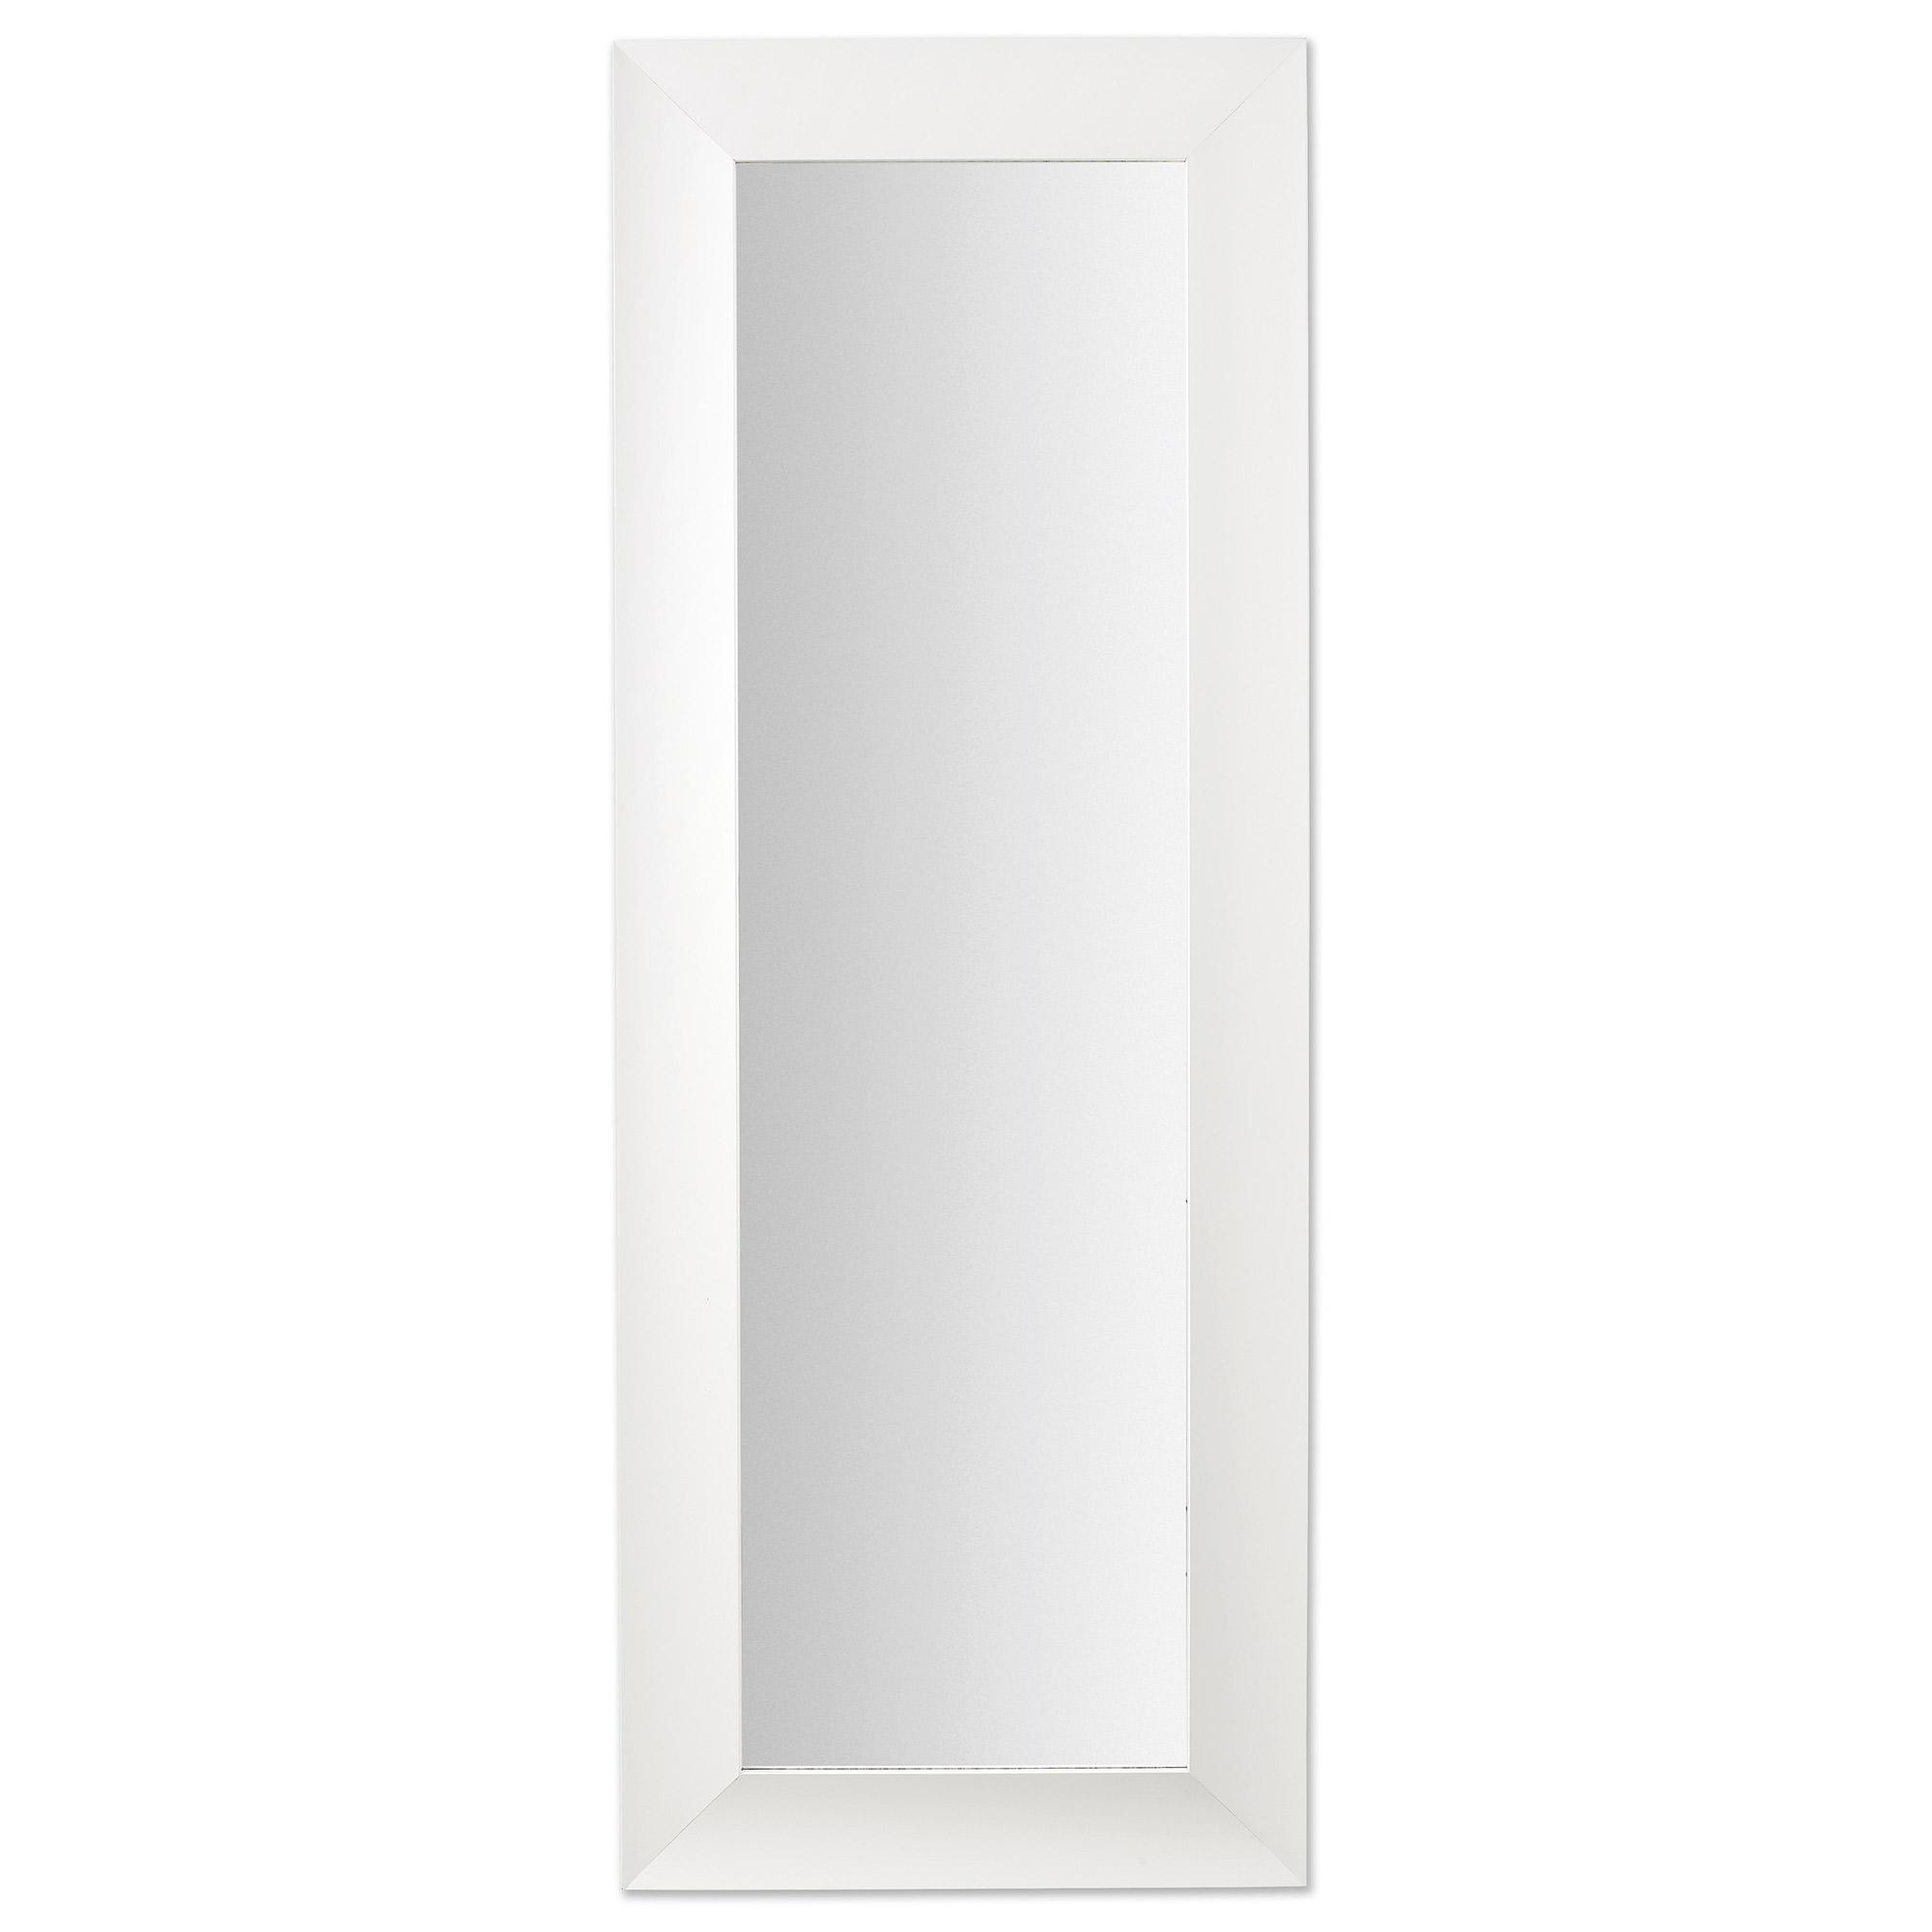 Espejo Misty en madera blanca